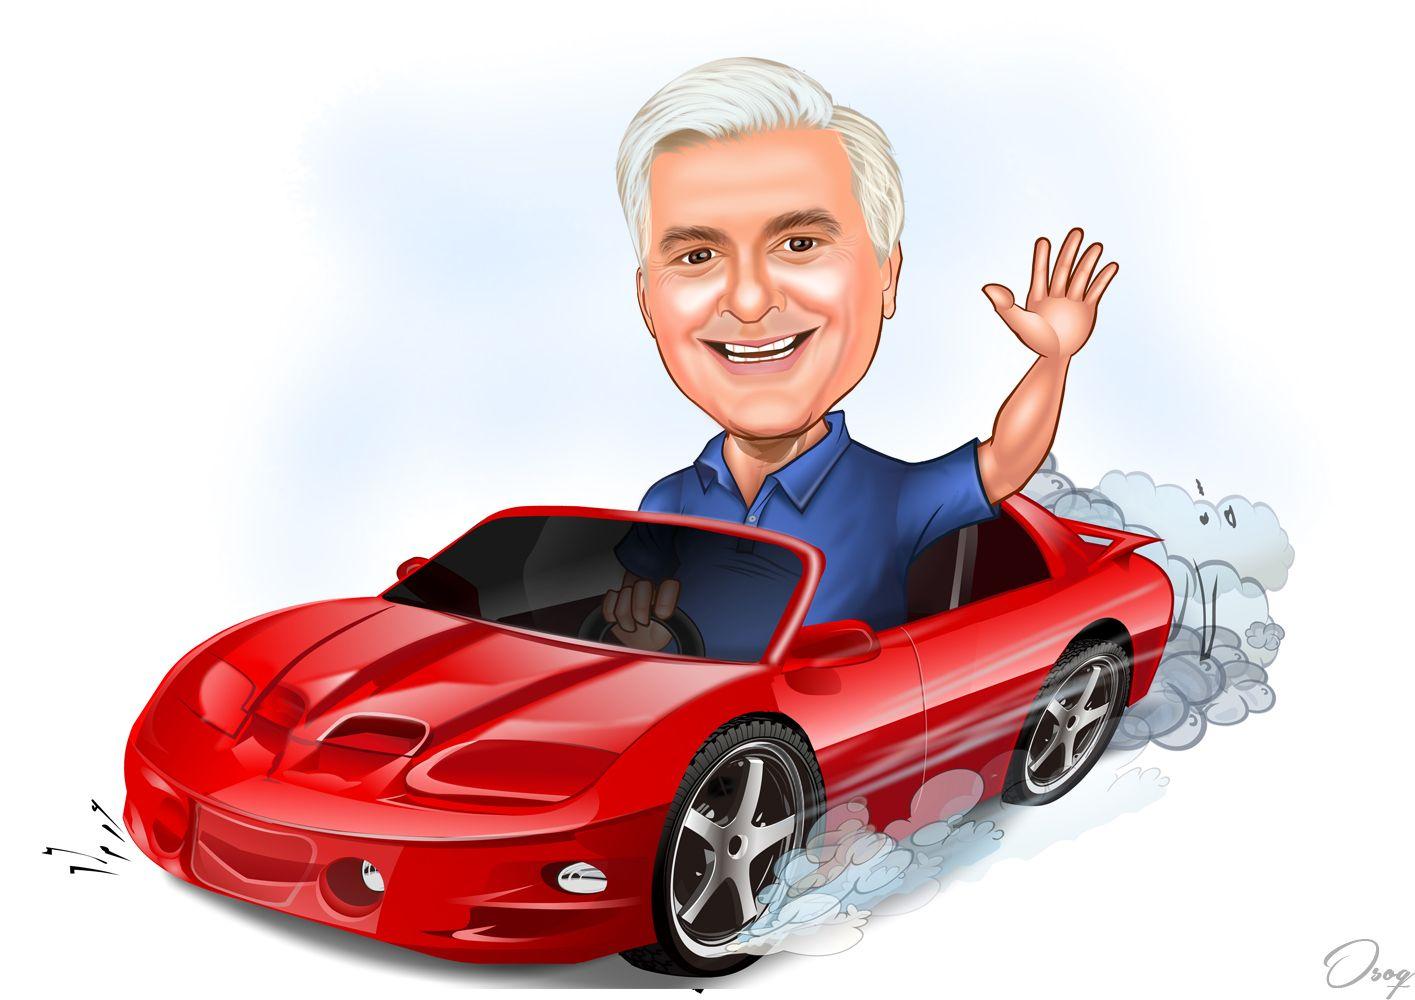 Sports Car Cartoon Car Cartoon Caricature Cartoon